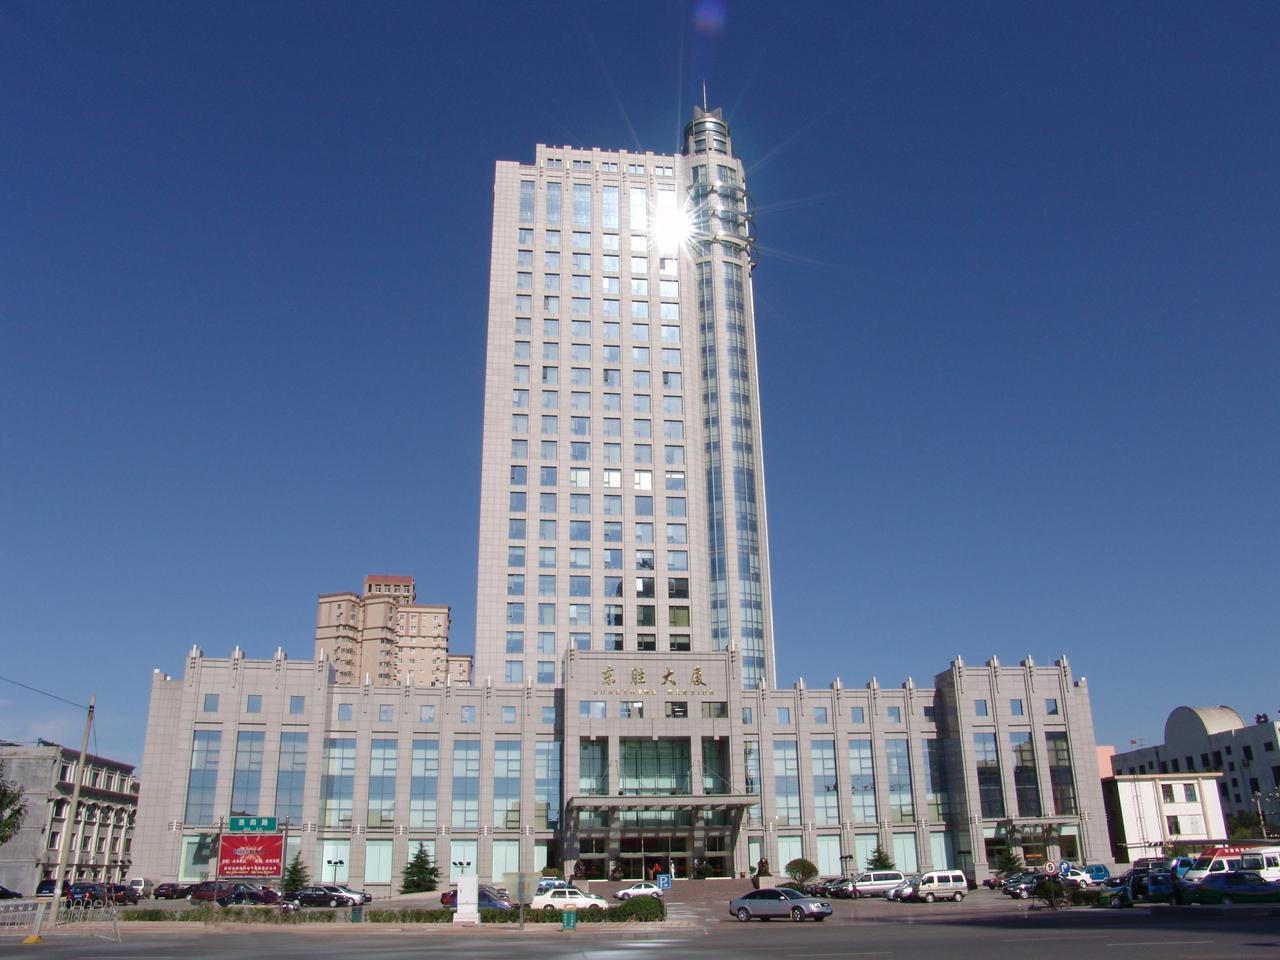 服装英才网 教培英才网  酒店采用新古典欧式建筑风格,外观设计新颖